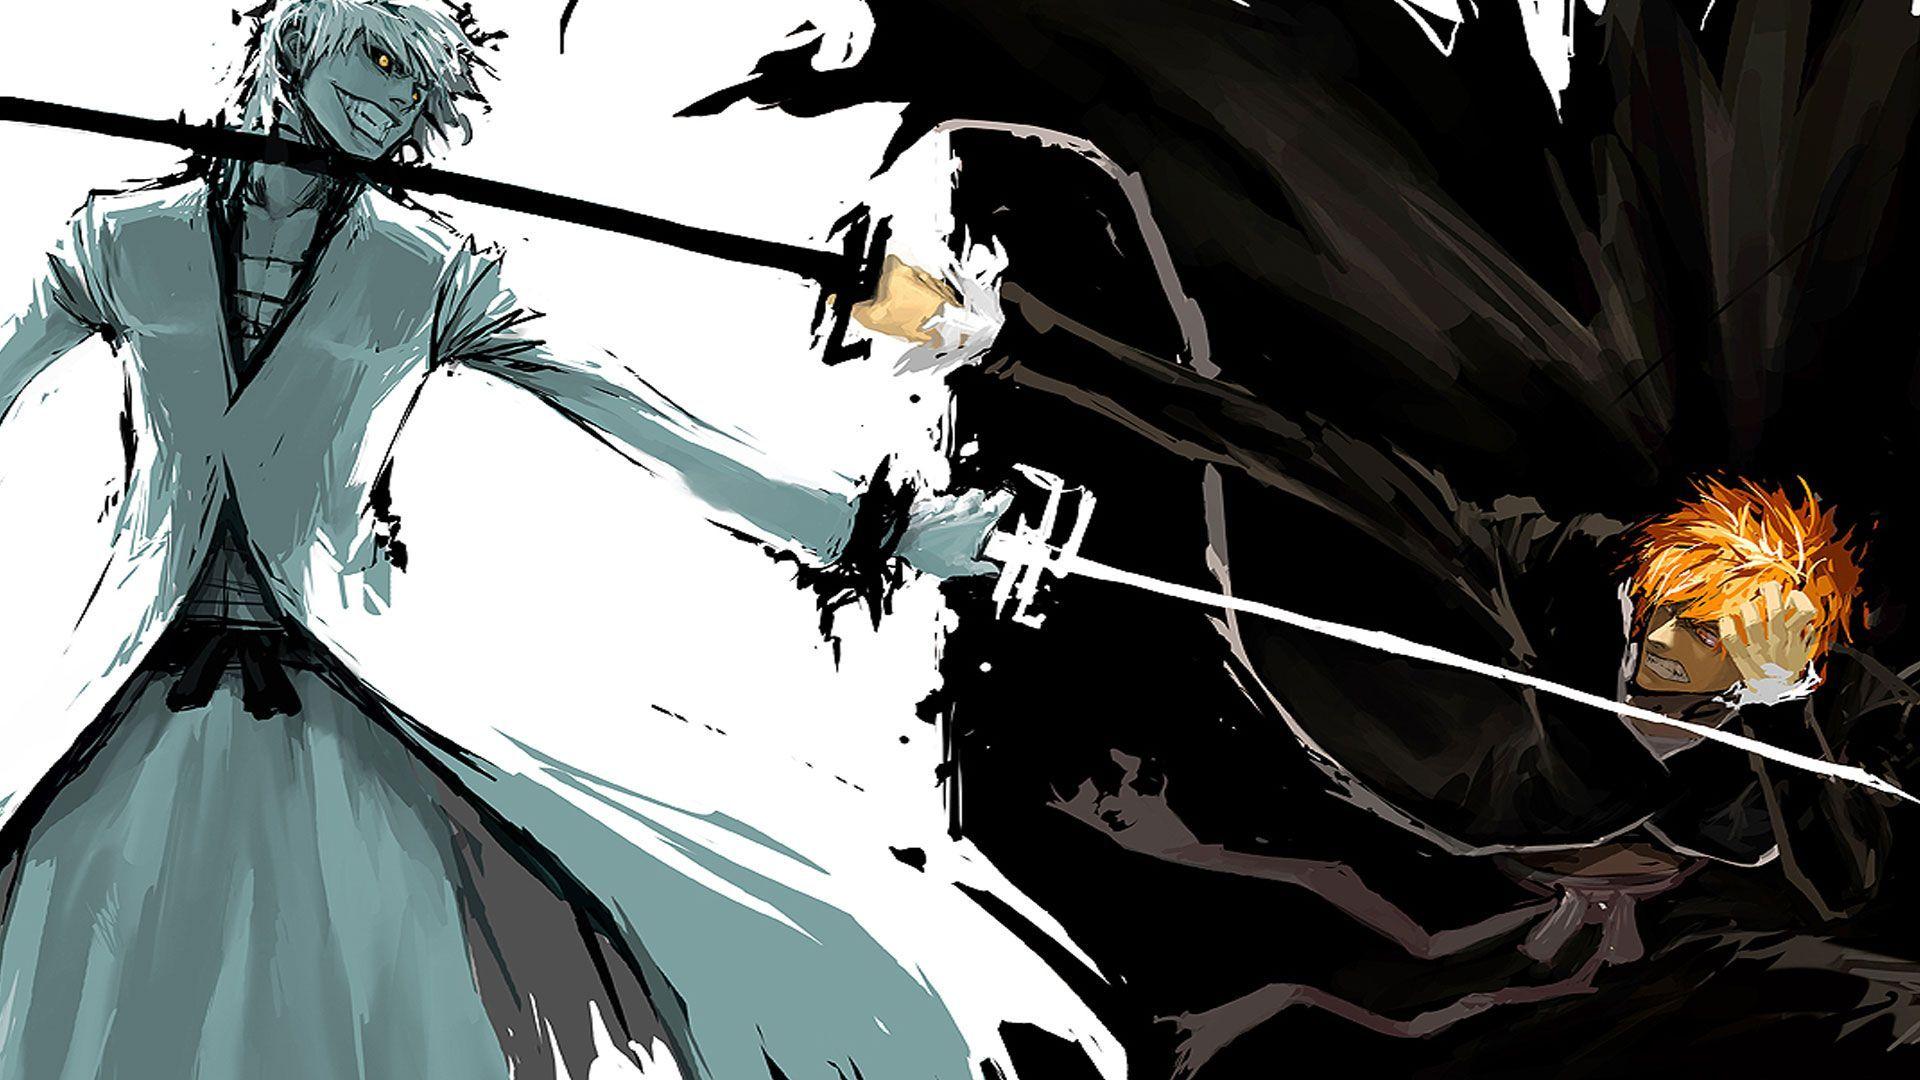 BLEACH!! - Bleach Anime Wallpaper (35816049) - Fanpop